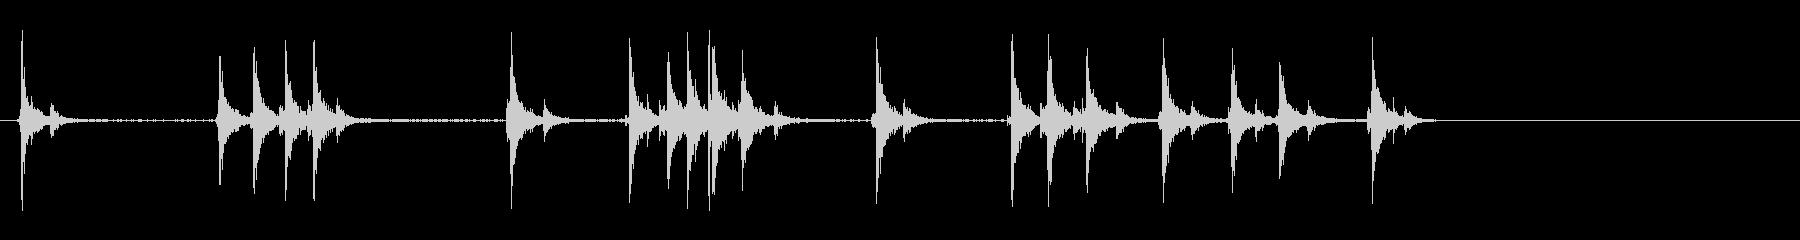 ピンボールマシン;フリッパーの動きの未再生の波形